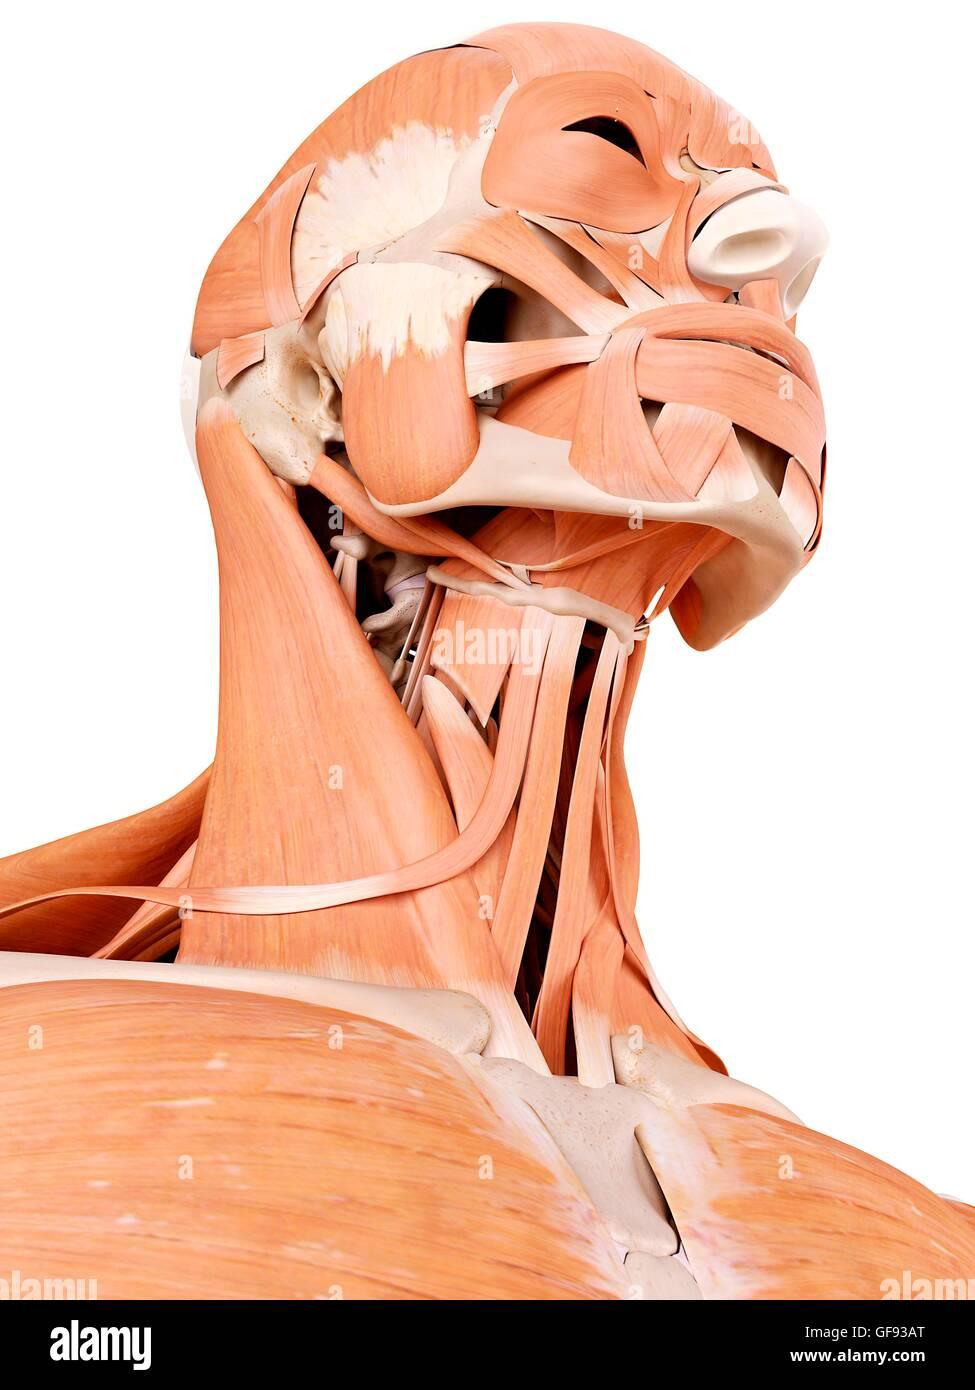 Menschliches Gesicht und Hals-Muskeln, Abbildung Stockfoto, Bild ...